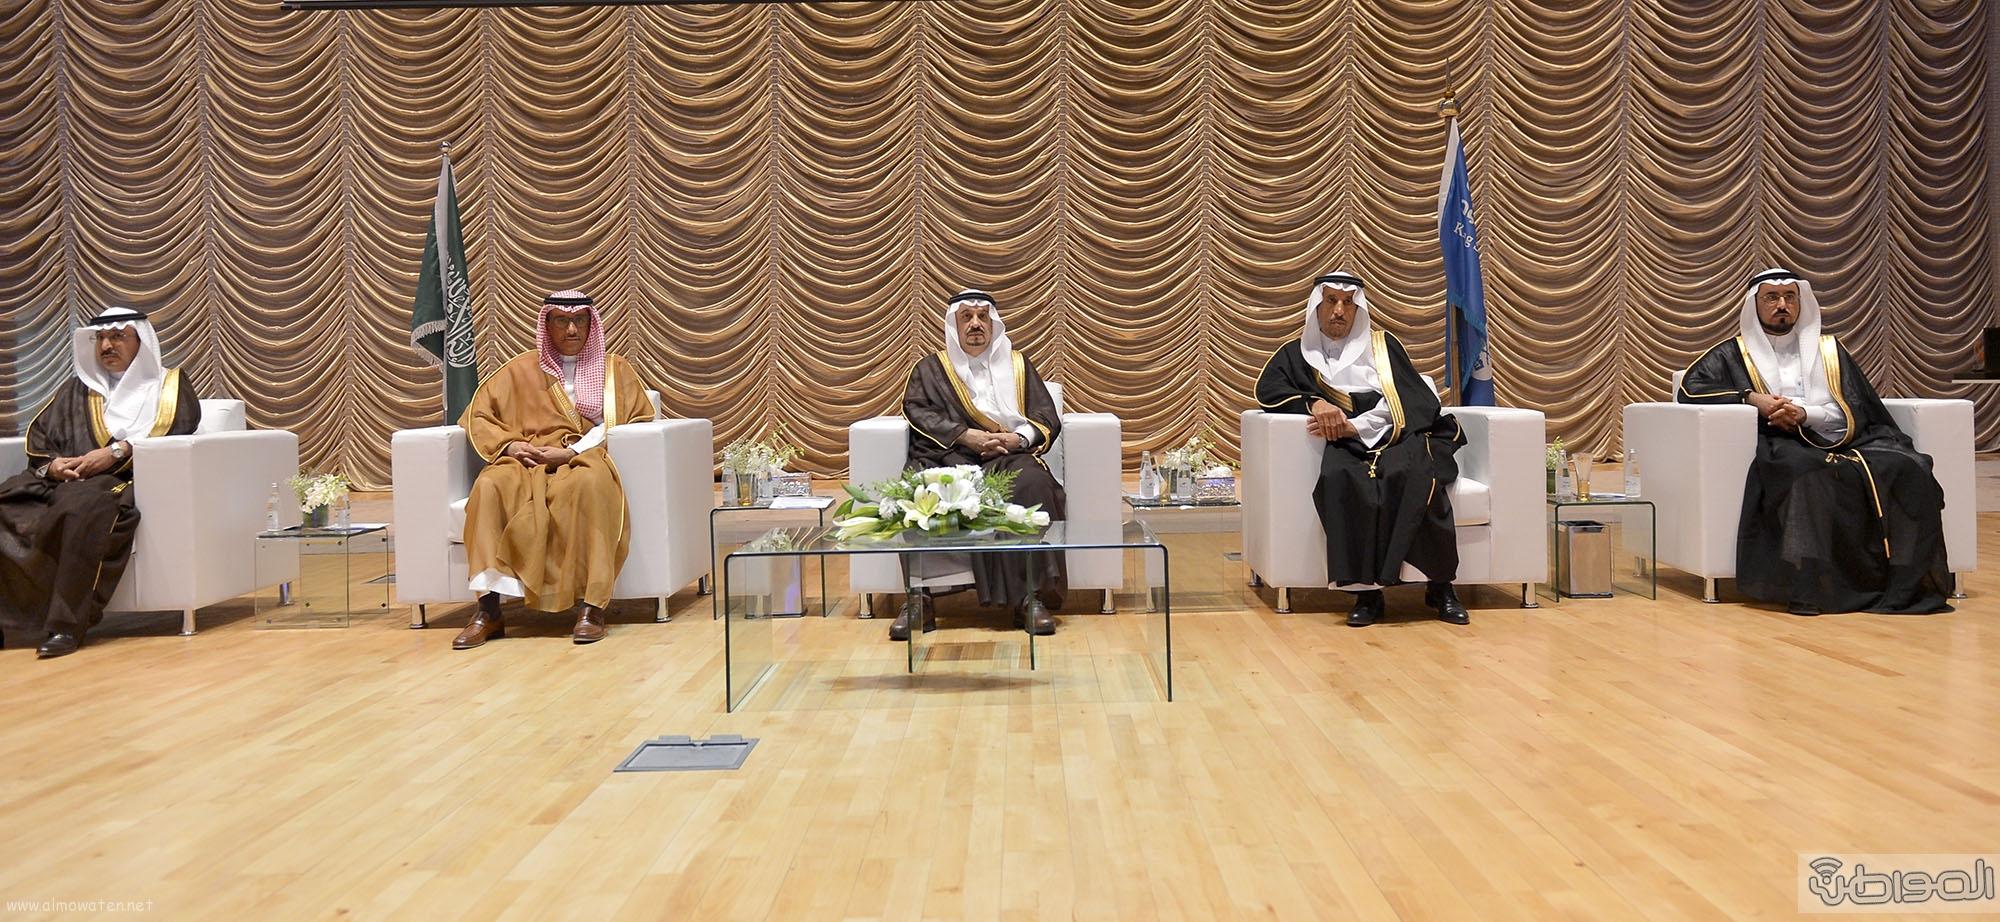 امير الرياض خلال رعاية طموح ملك لمستقبل وطن (3)